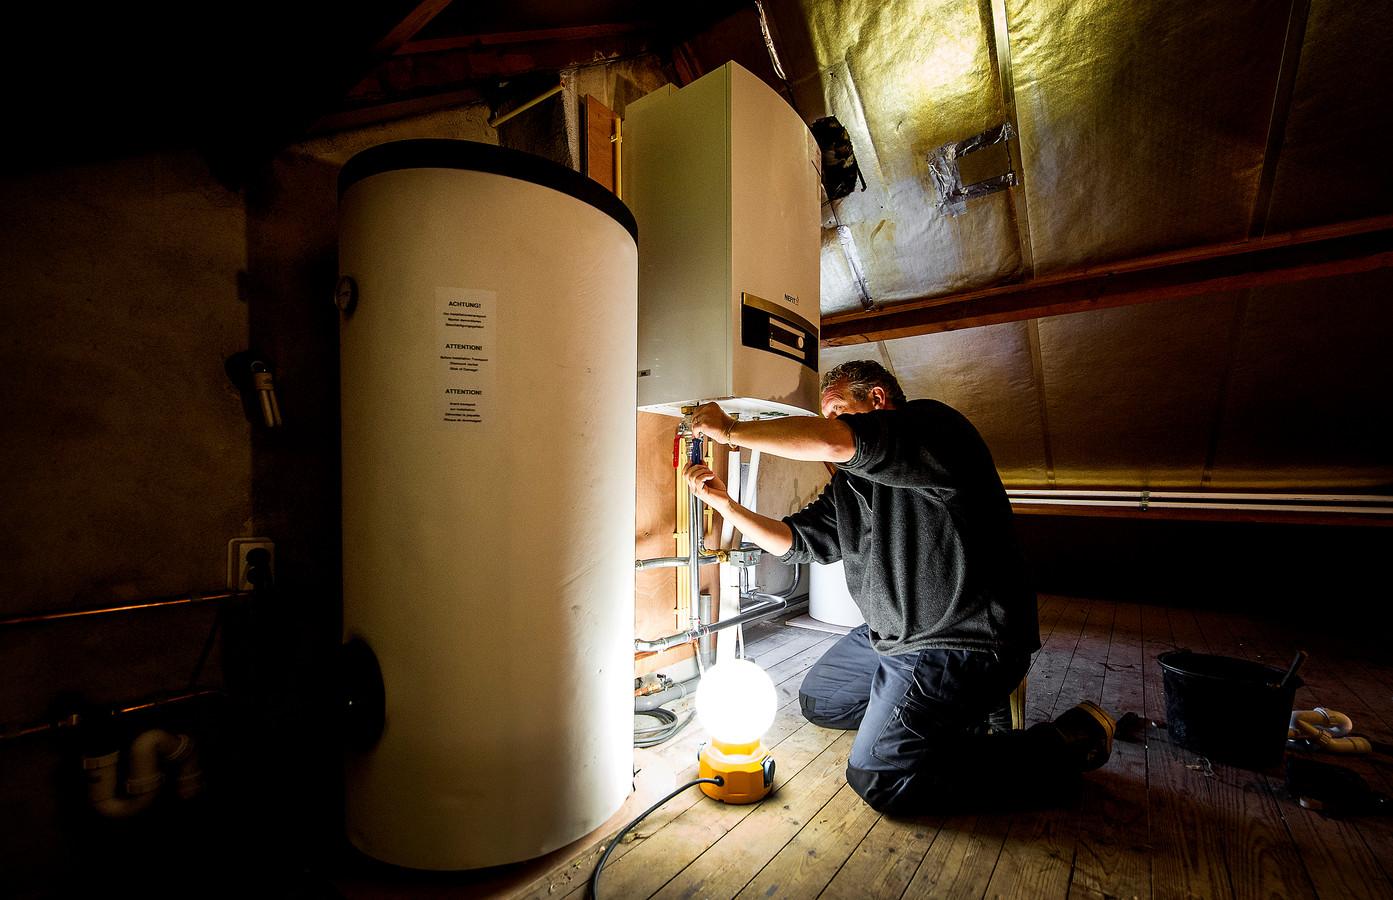 Onder meer met het installeren van warmtepompen wil de gemeente Krimpenerwaard het aardgasgebruik verminderen.